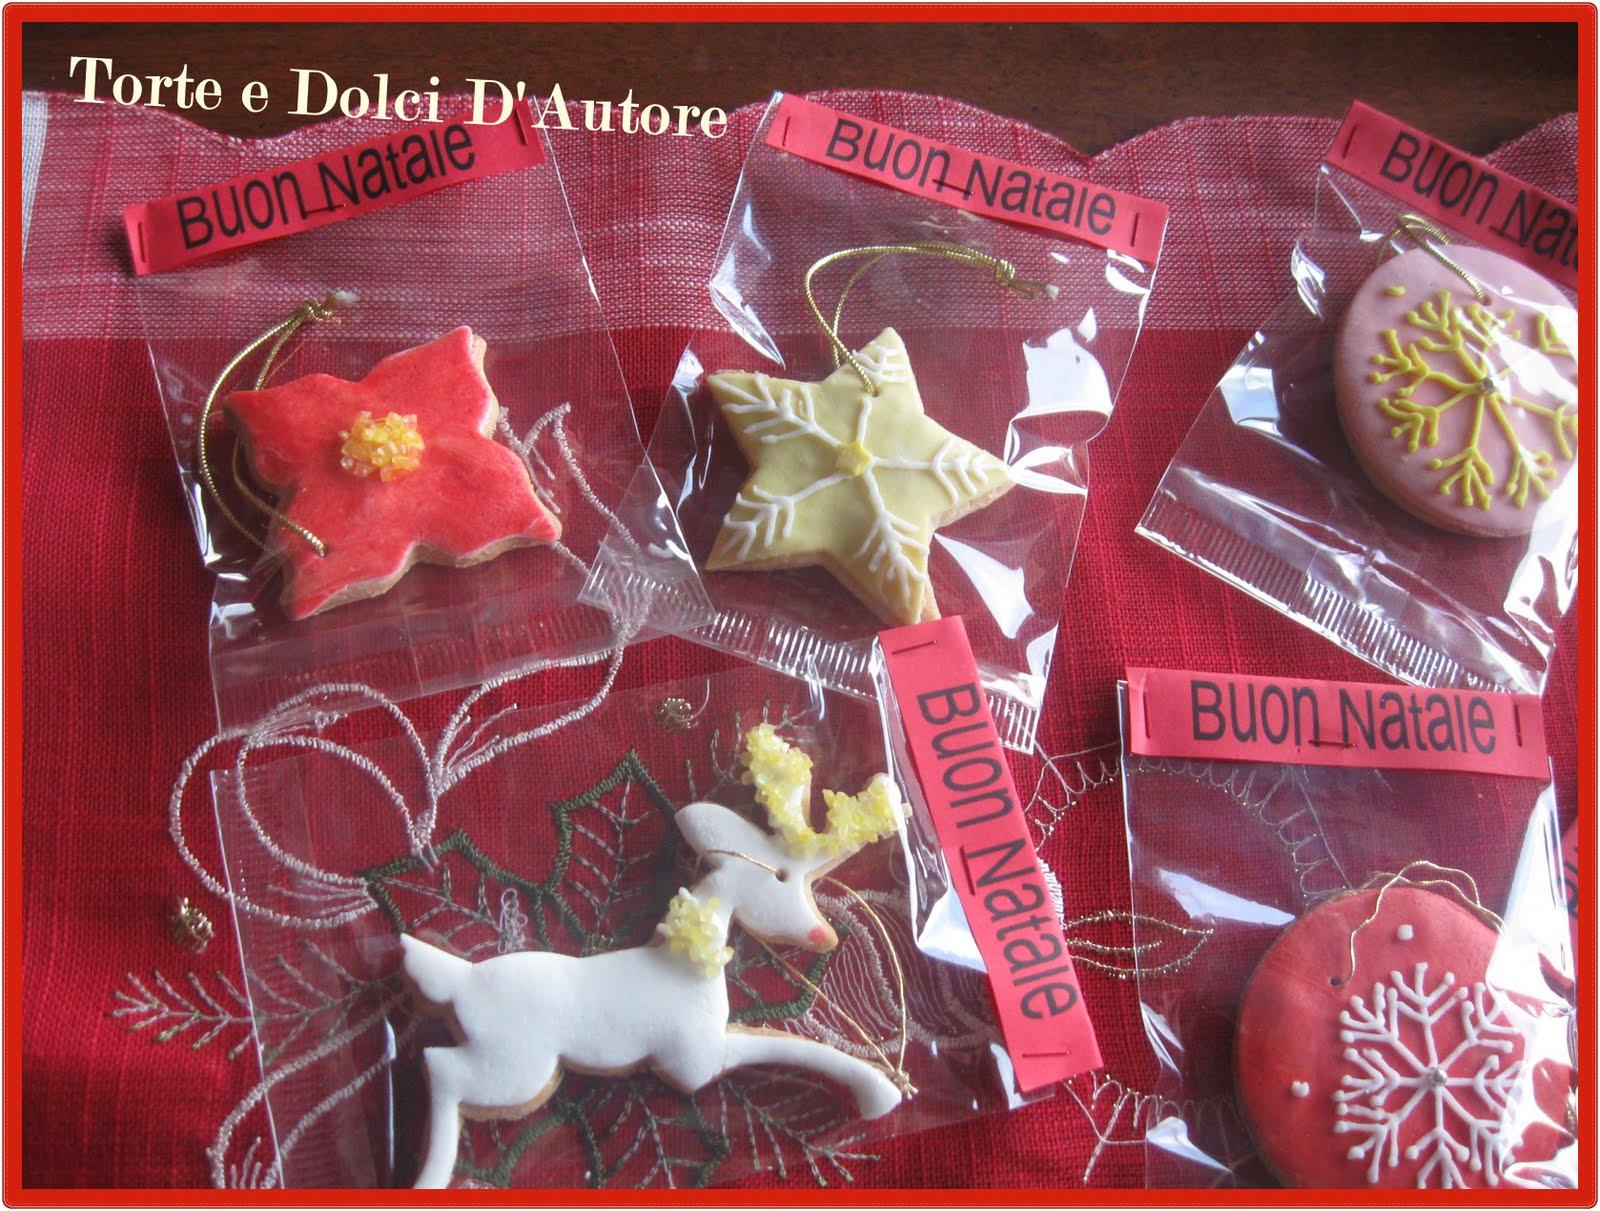 Torte e dolci d 39 autore addobbi natalizi for Obi addobbi natalizi